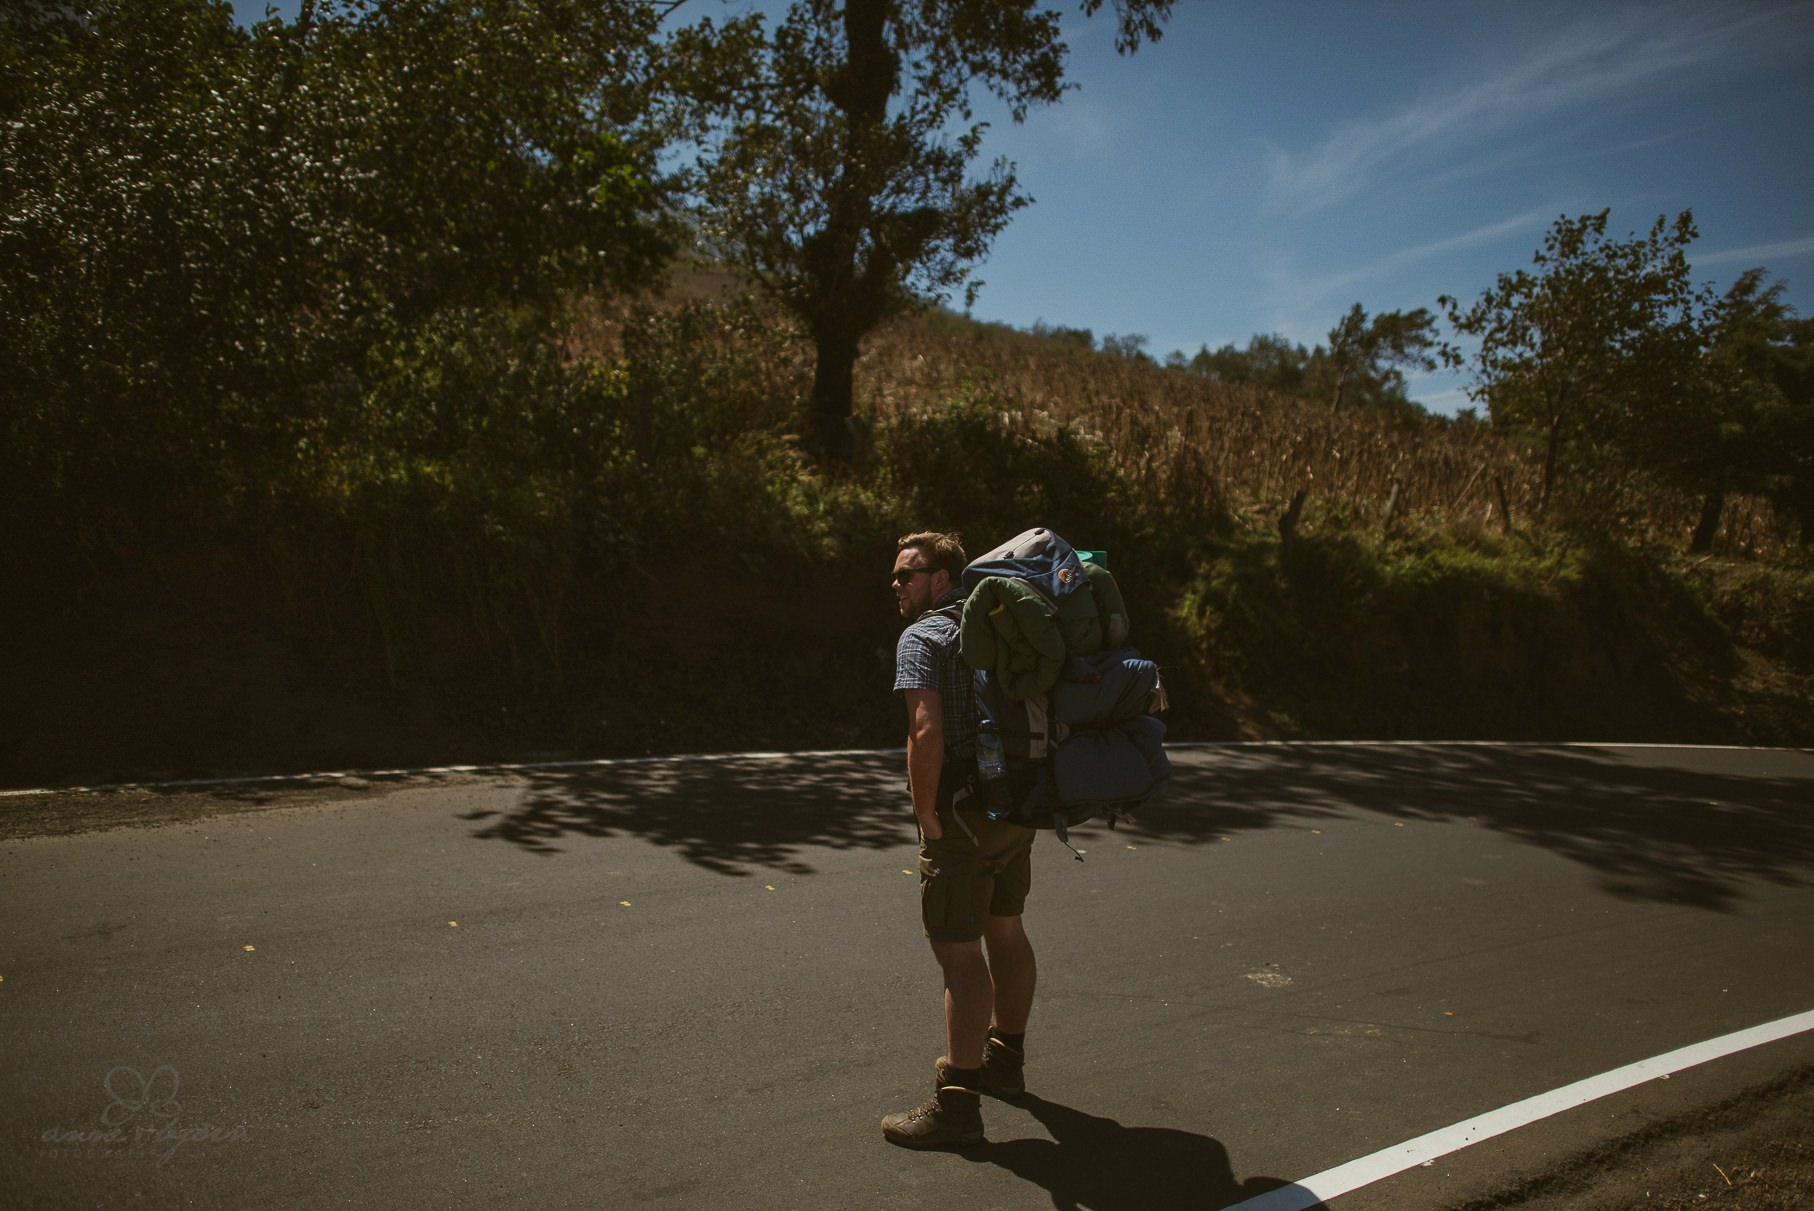 0080 anne und bjoern guatemala 811 3164 - 4 Wochen durch Guatemala - backpacking durch Mittelamerika